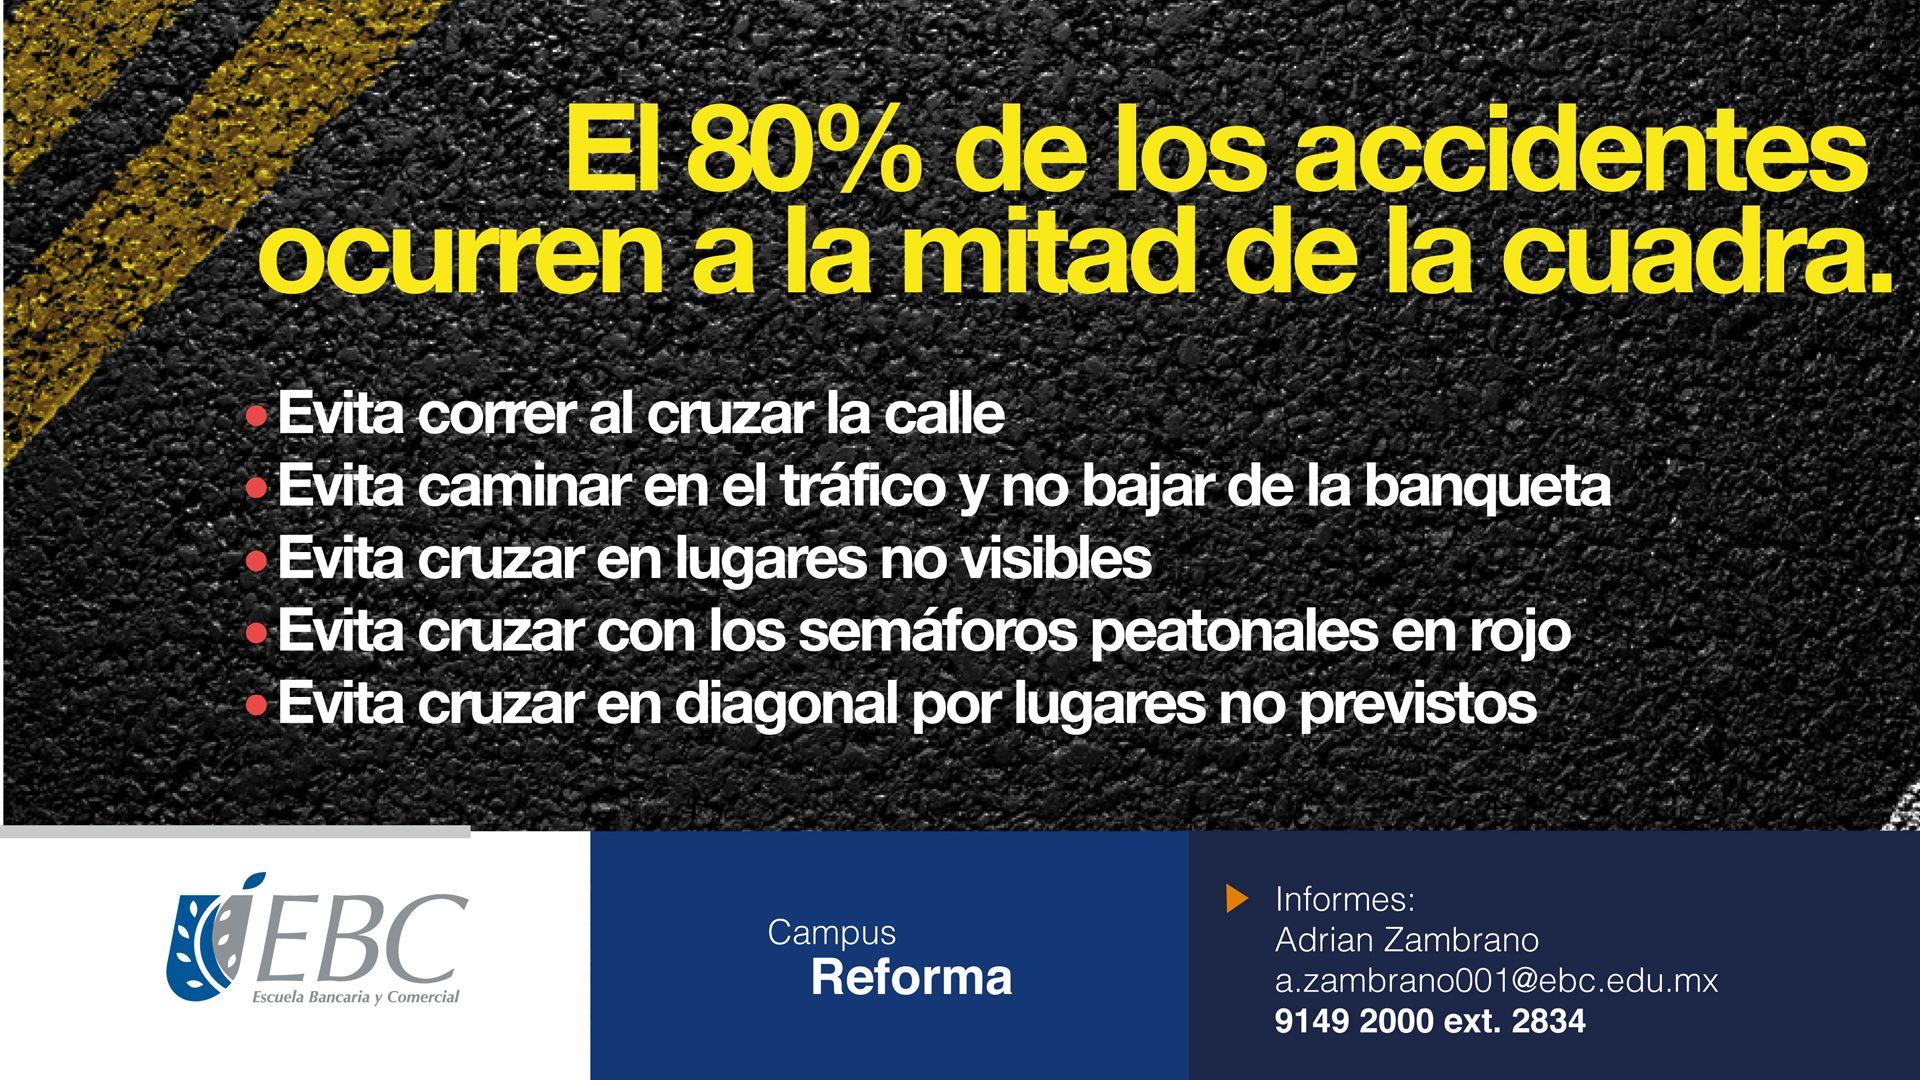 La seguridad vial es asunto de todos. ¡Cuidémonos! #SoyEBC